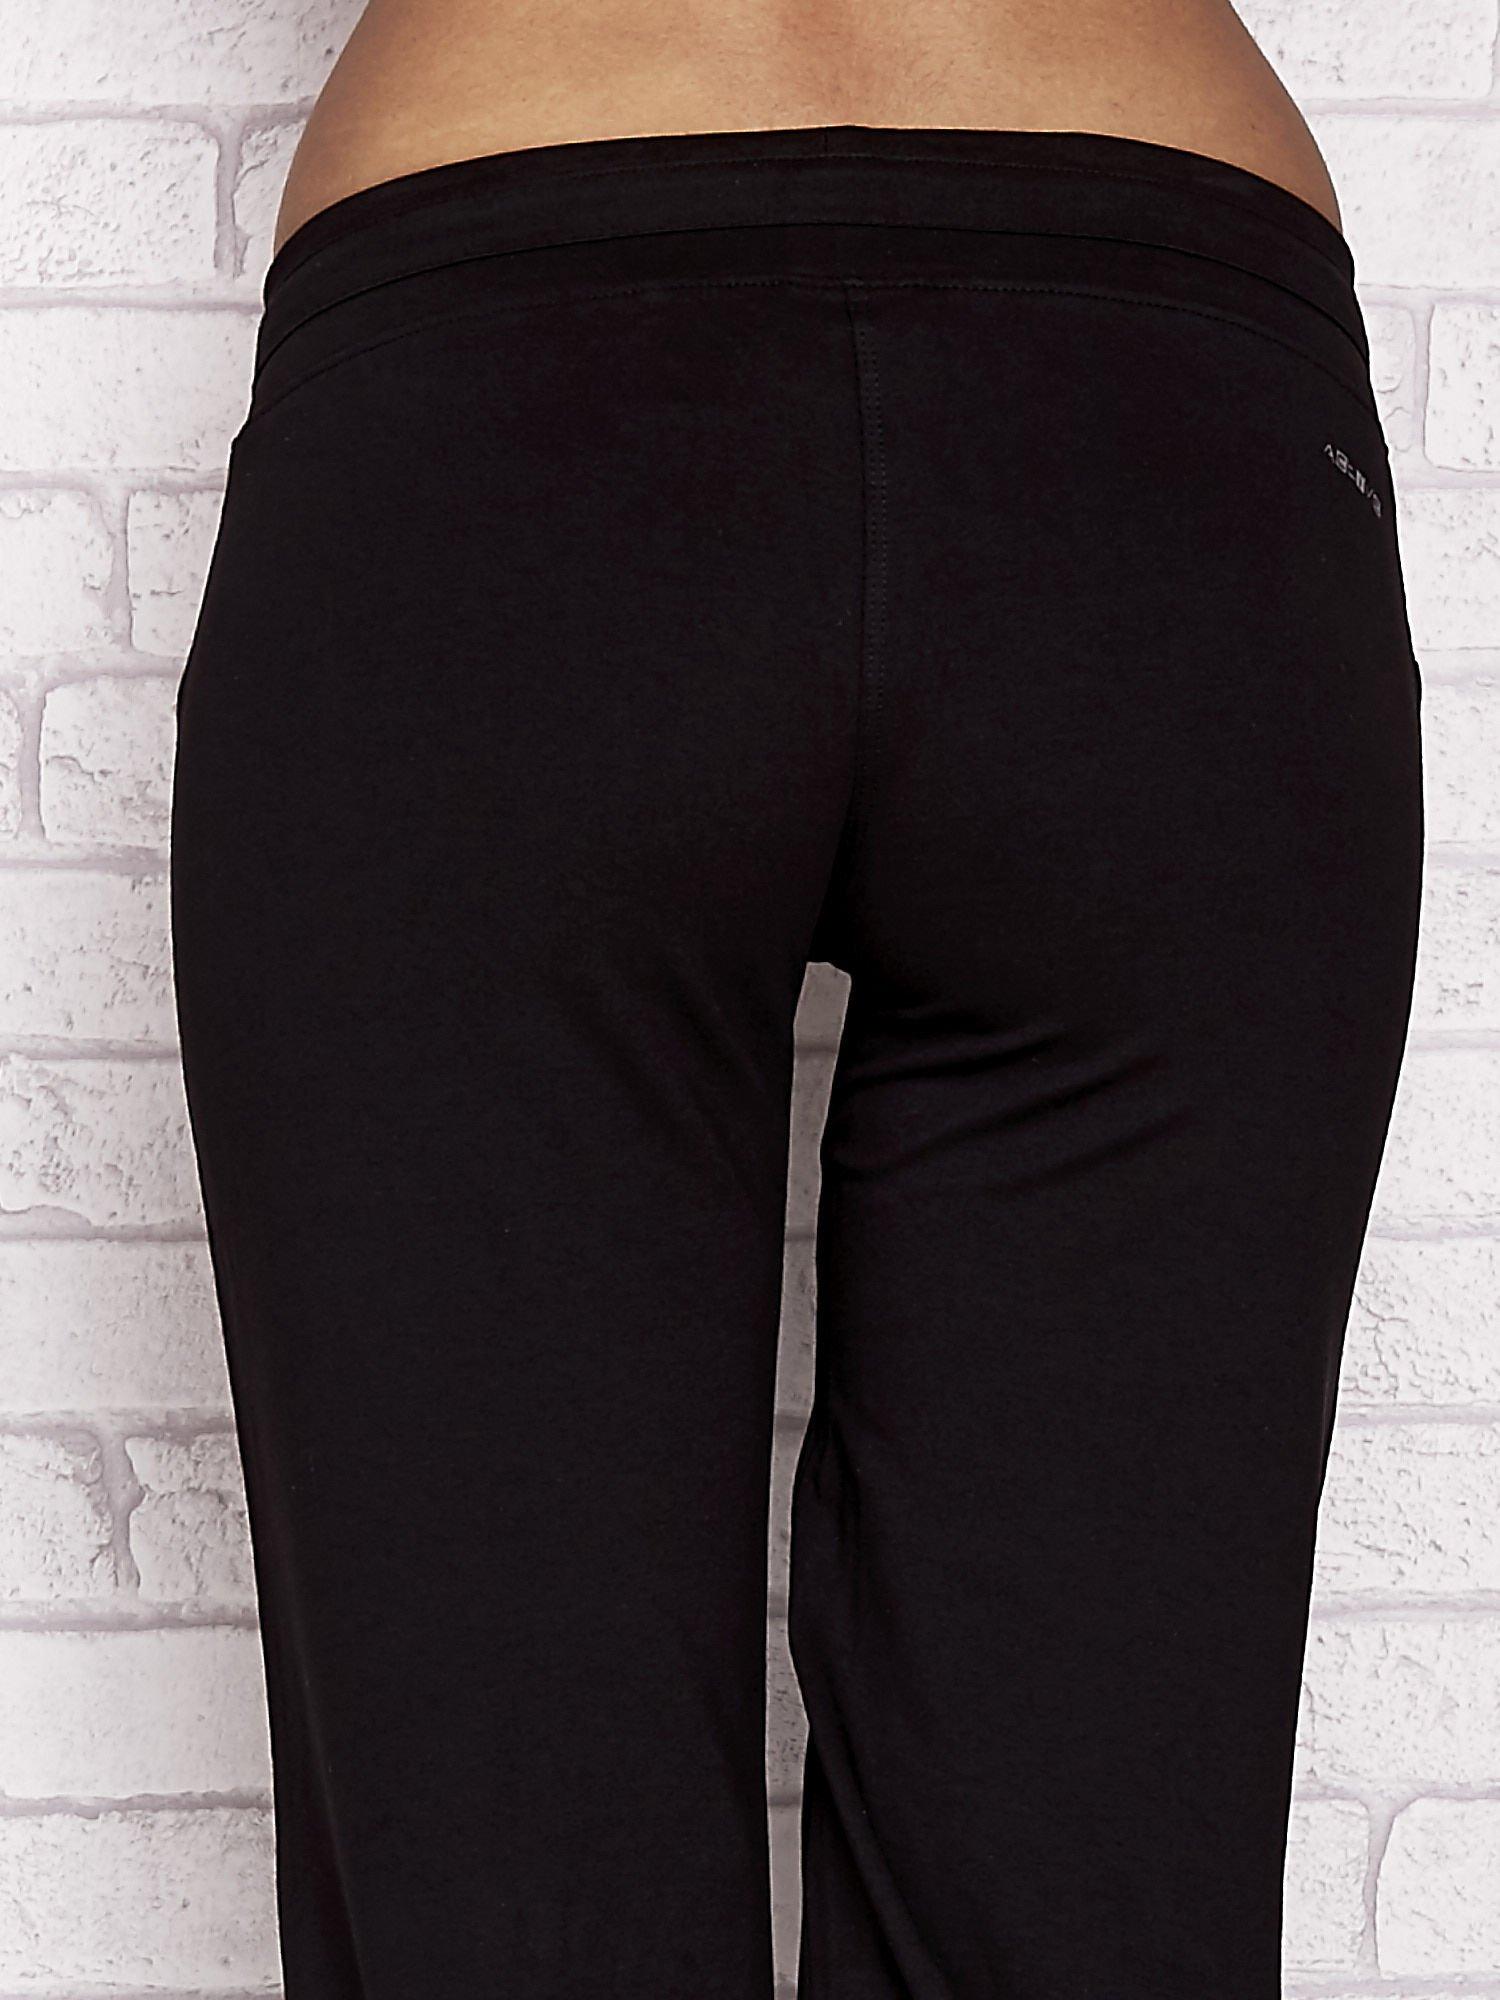 Czarne spodnie dresowe capri z napisem EXTORY                                  zdj.                                  5